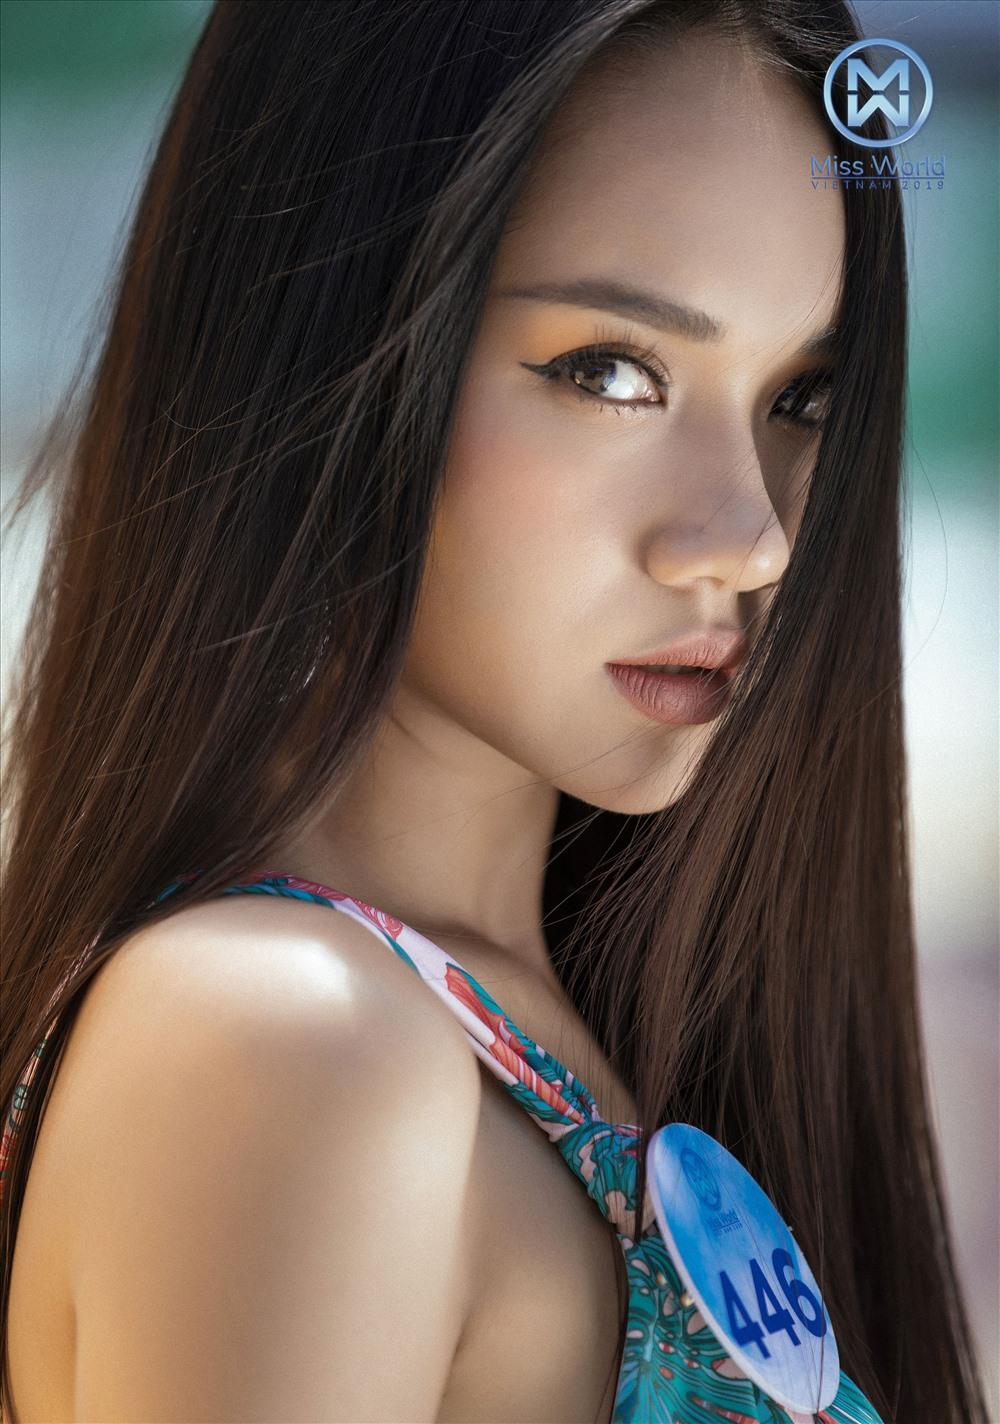 Miss World Việt Nam đã mang cả khu rừng nhiệt đới vào mỗi khung hình khi các cô gái tự tin với thần thái cuốn hút đã ở đẳng cấp trong những bộ bikini họa tiết bắt mắt. Ảnh: Lê Thiện Viễn.